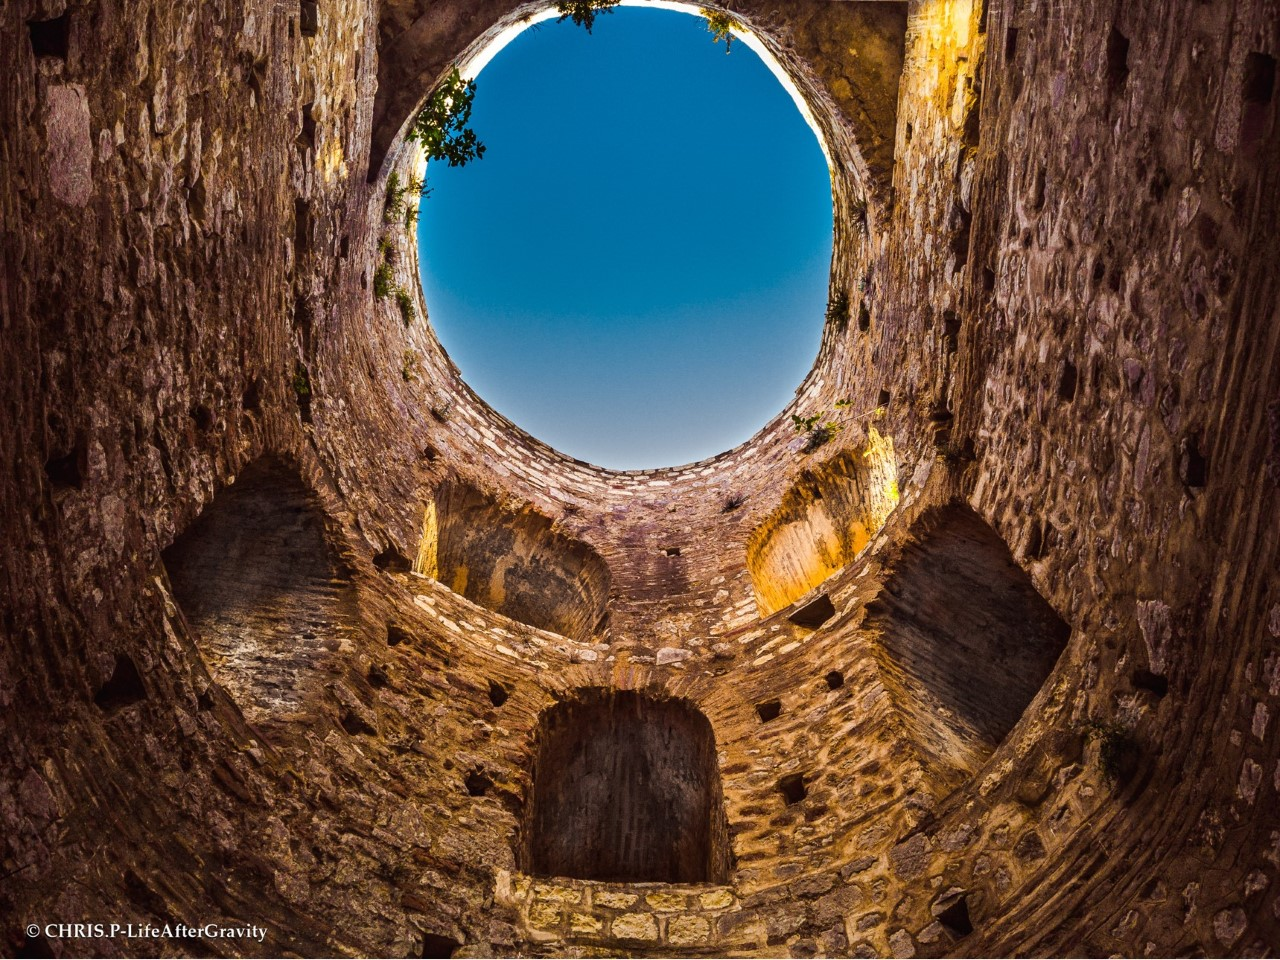 Ποια ήταν η μεγαλύτερη σε έκταση αρχαία πόλη της Ελλάδας. Πώς ο Ρωμαίος αυτοκράτορας Αύγουστος Οκταβιανός εκτίναξε τον πληθυσμό της σε 100 χιλιάδες (drone)